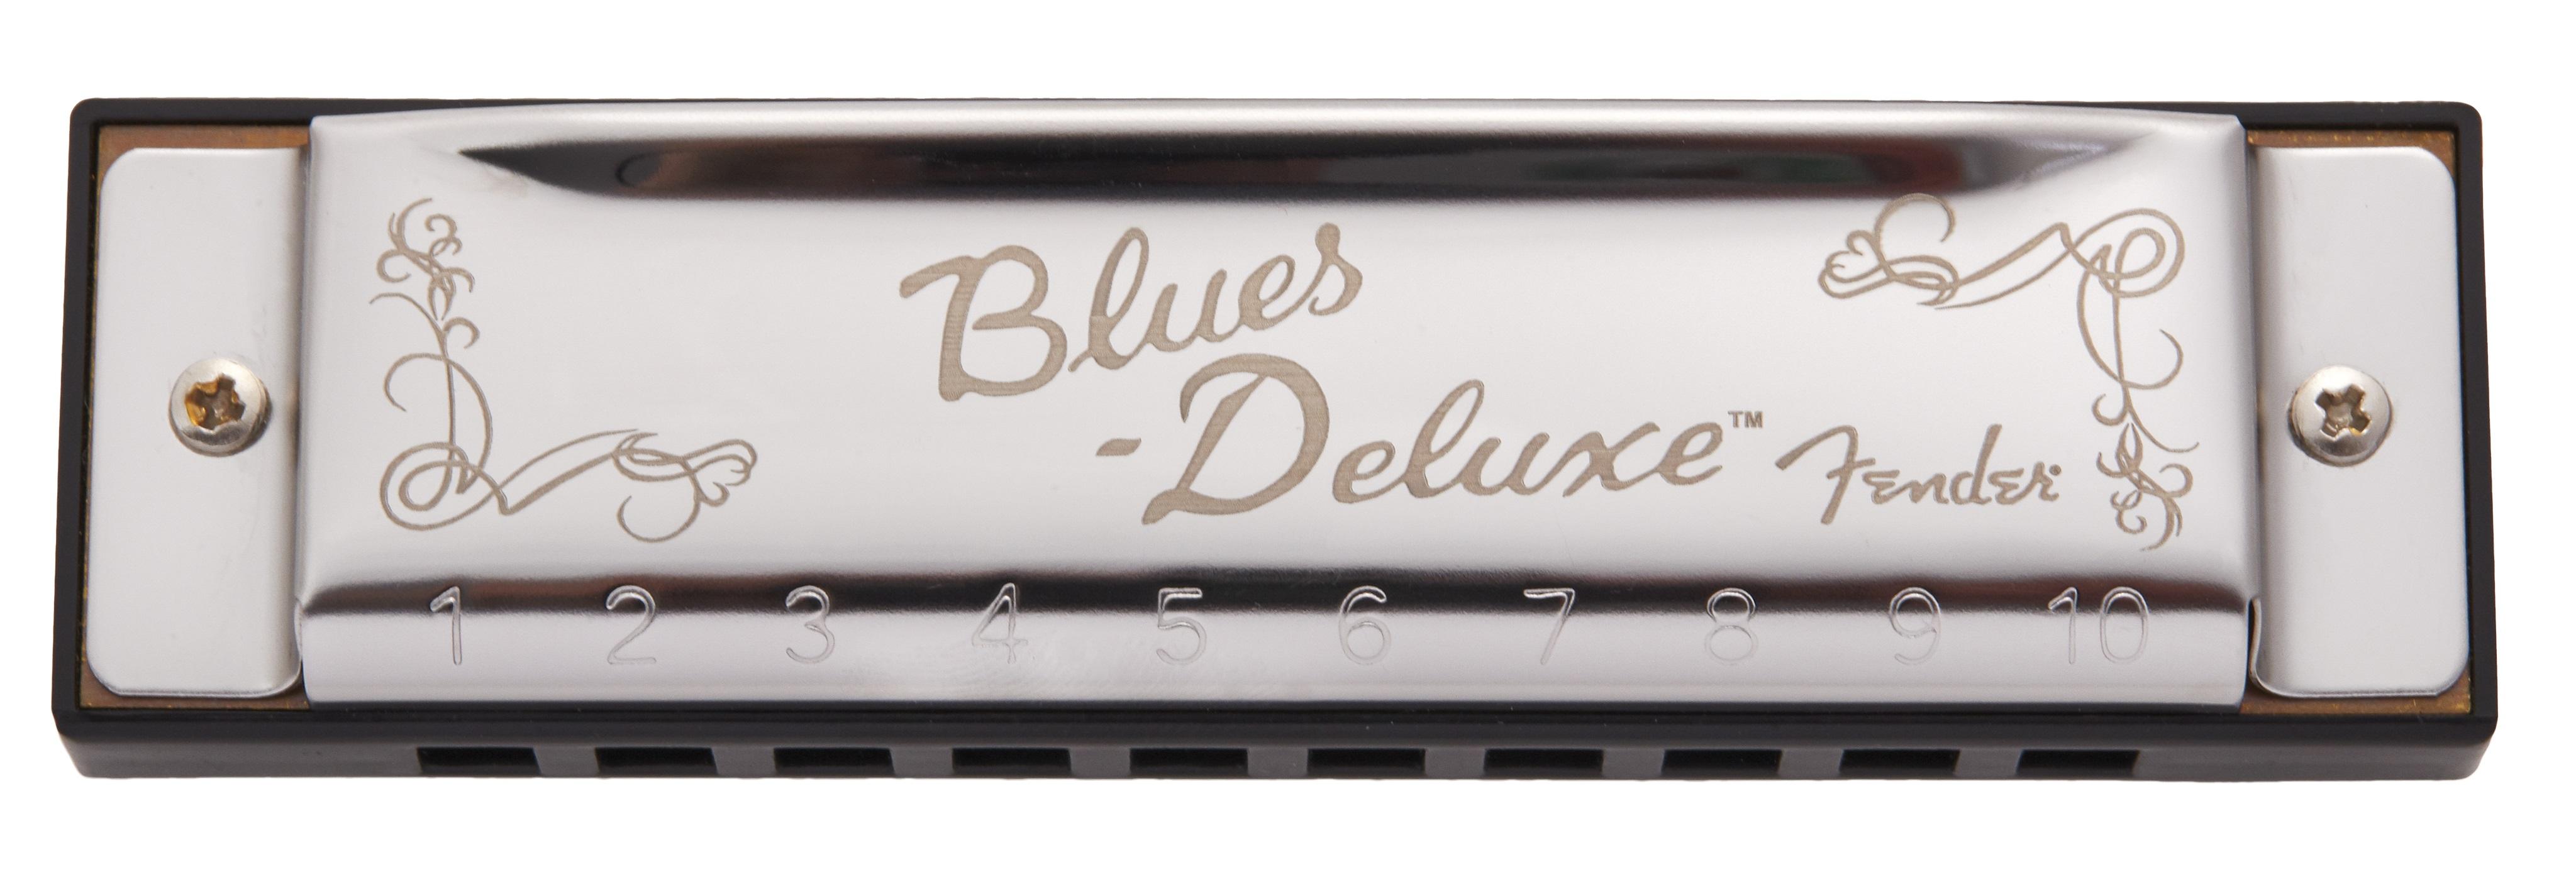 Fender Blues Deluxe Key of B Flat